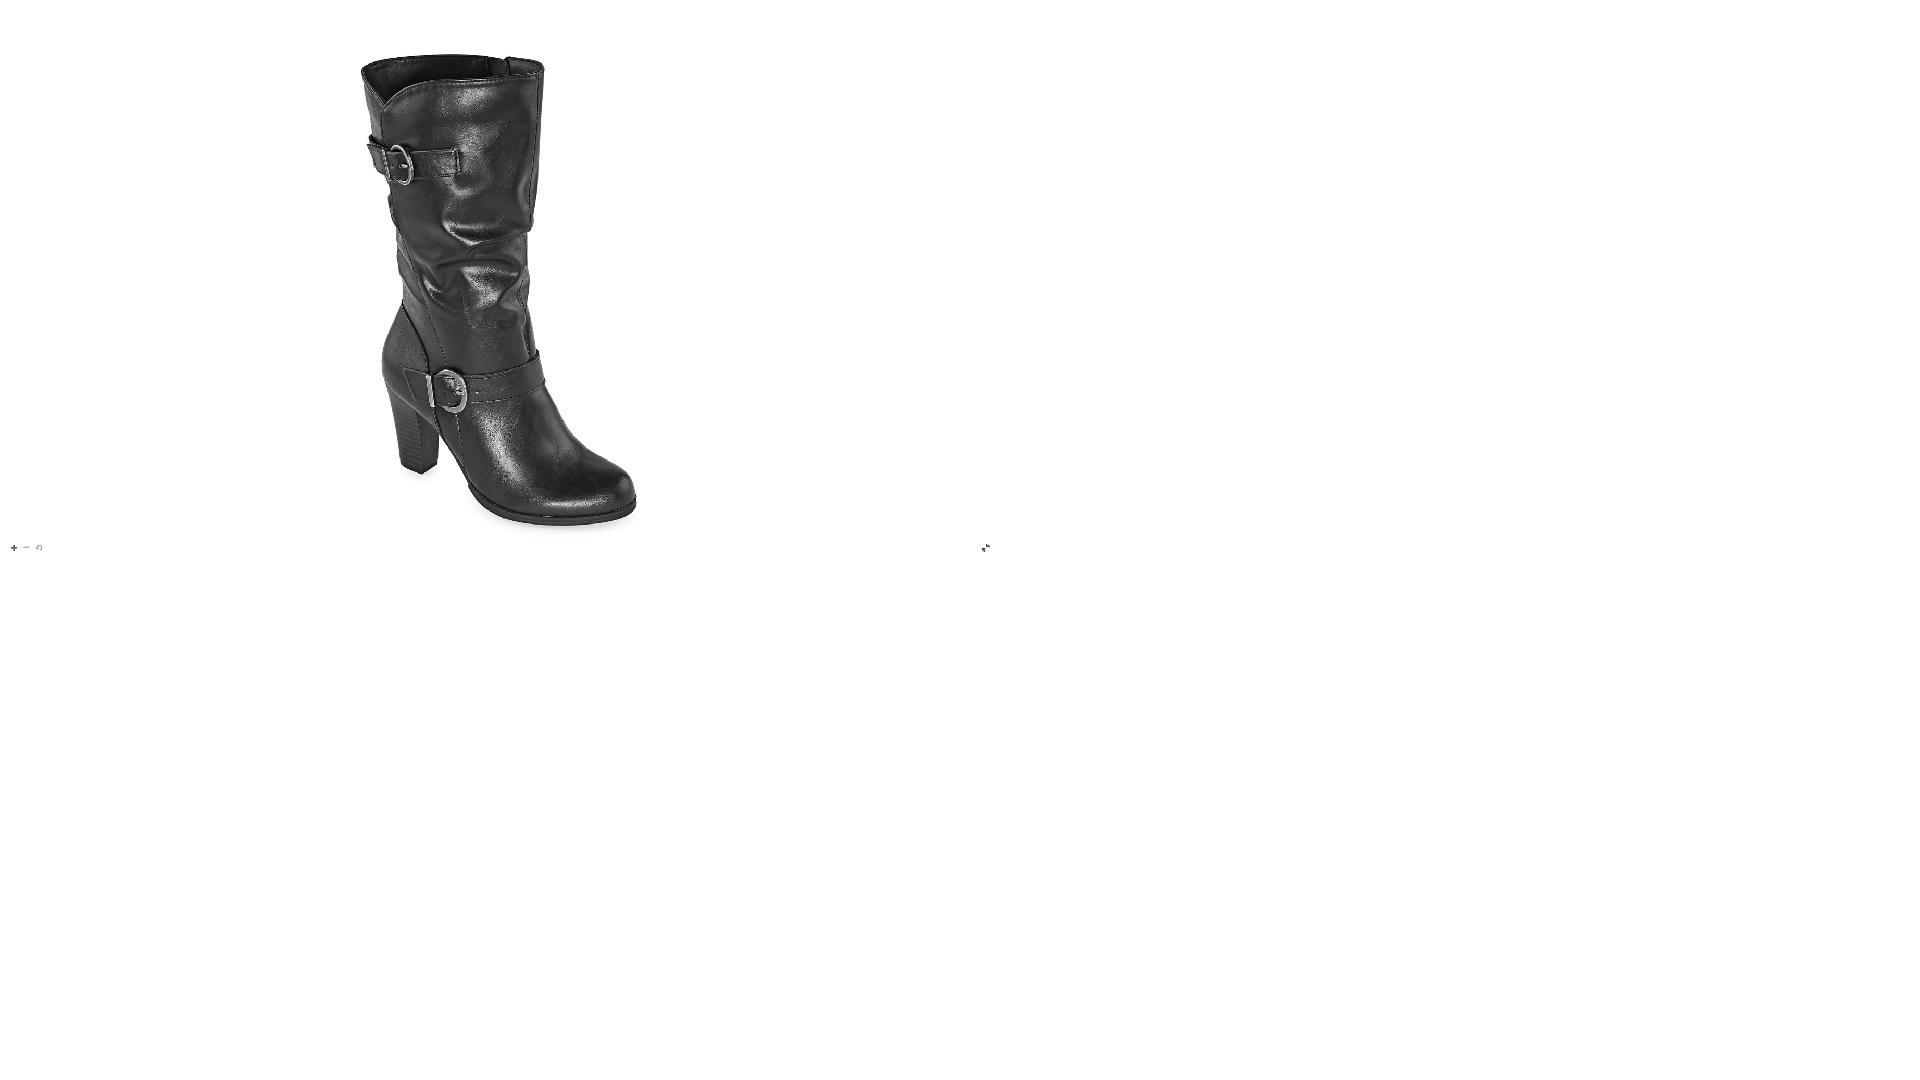 Women's Boots only $16.99 (reg. $60-$80